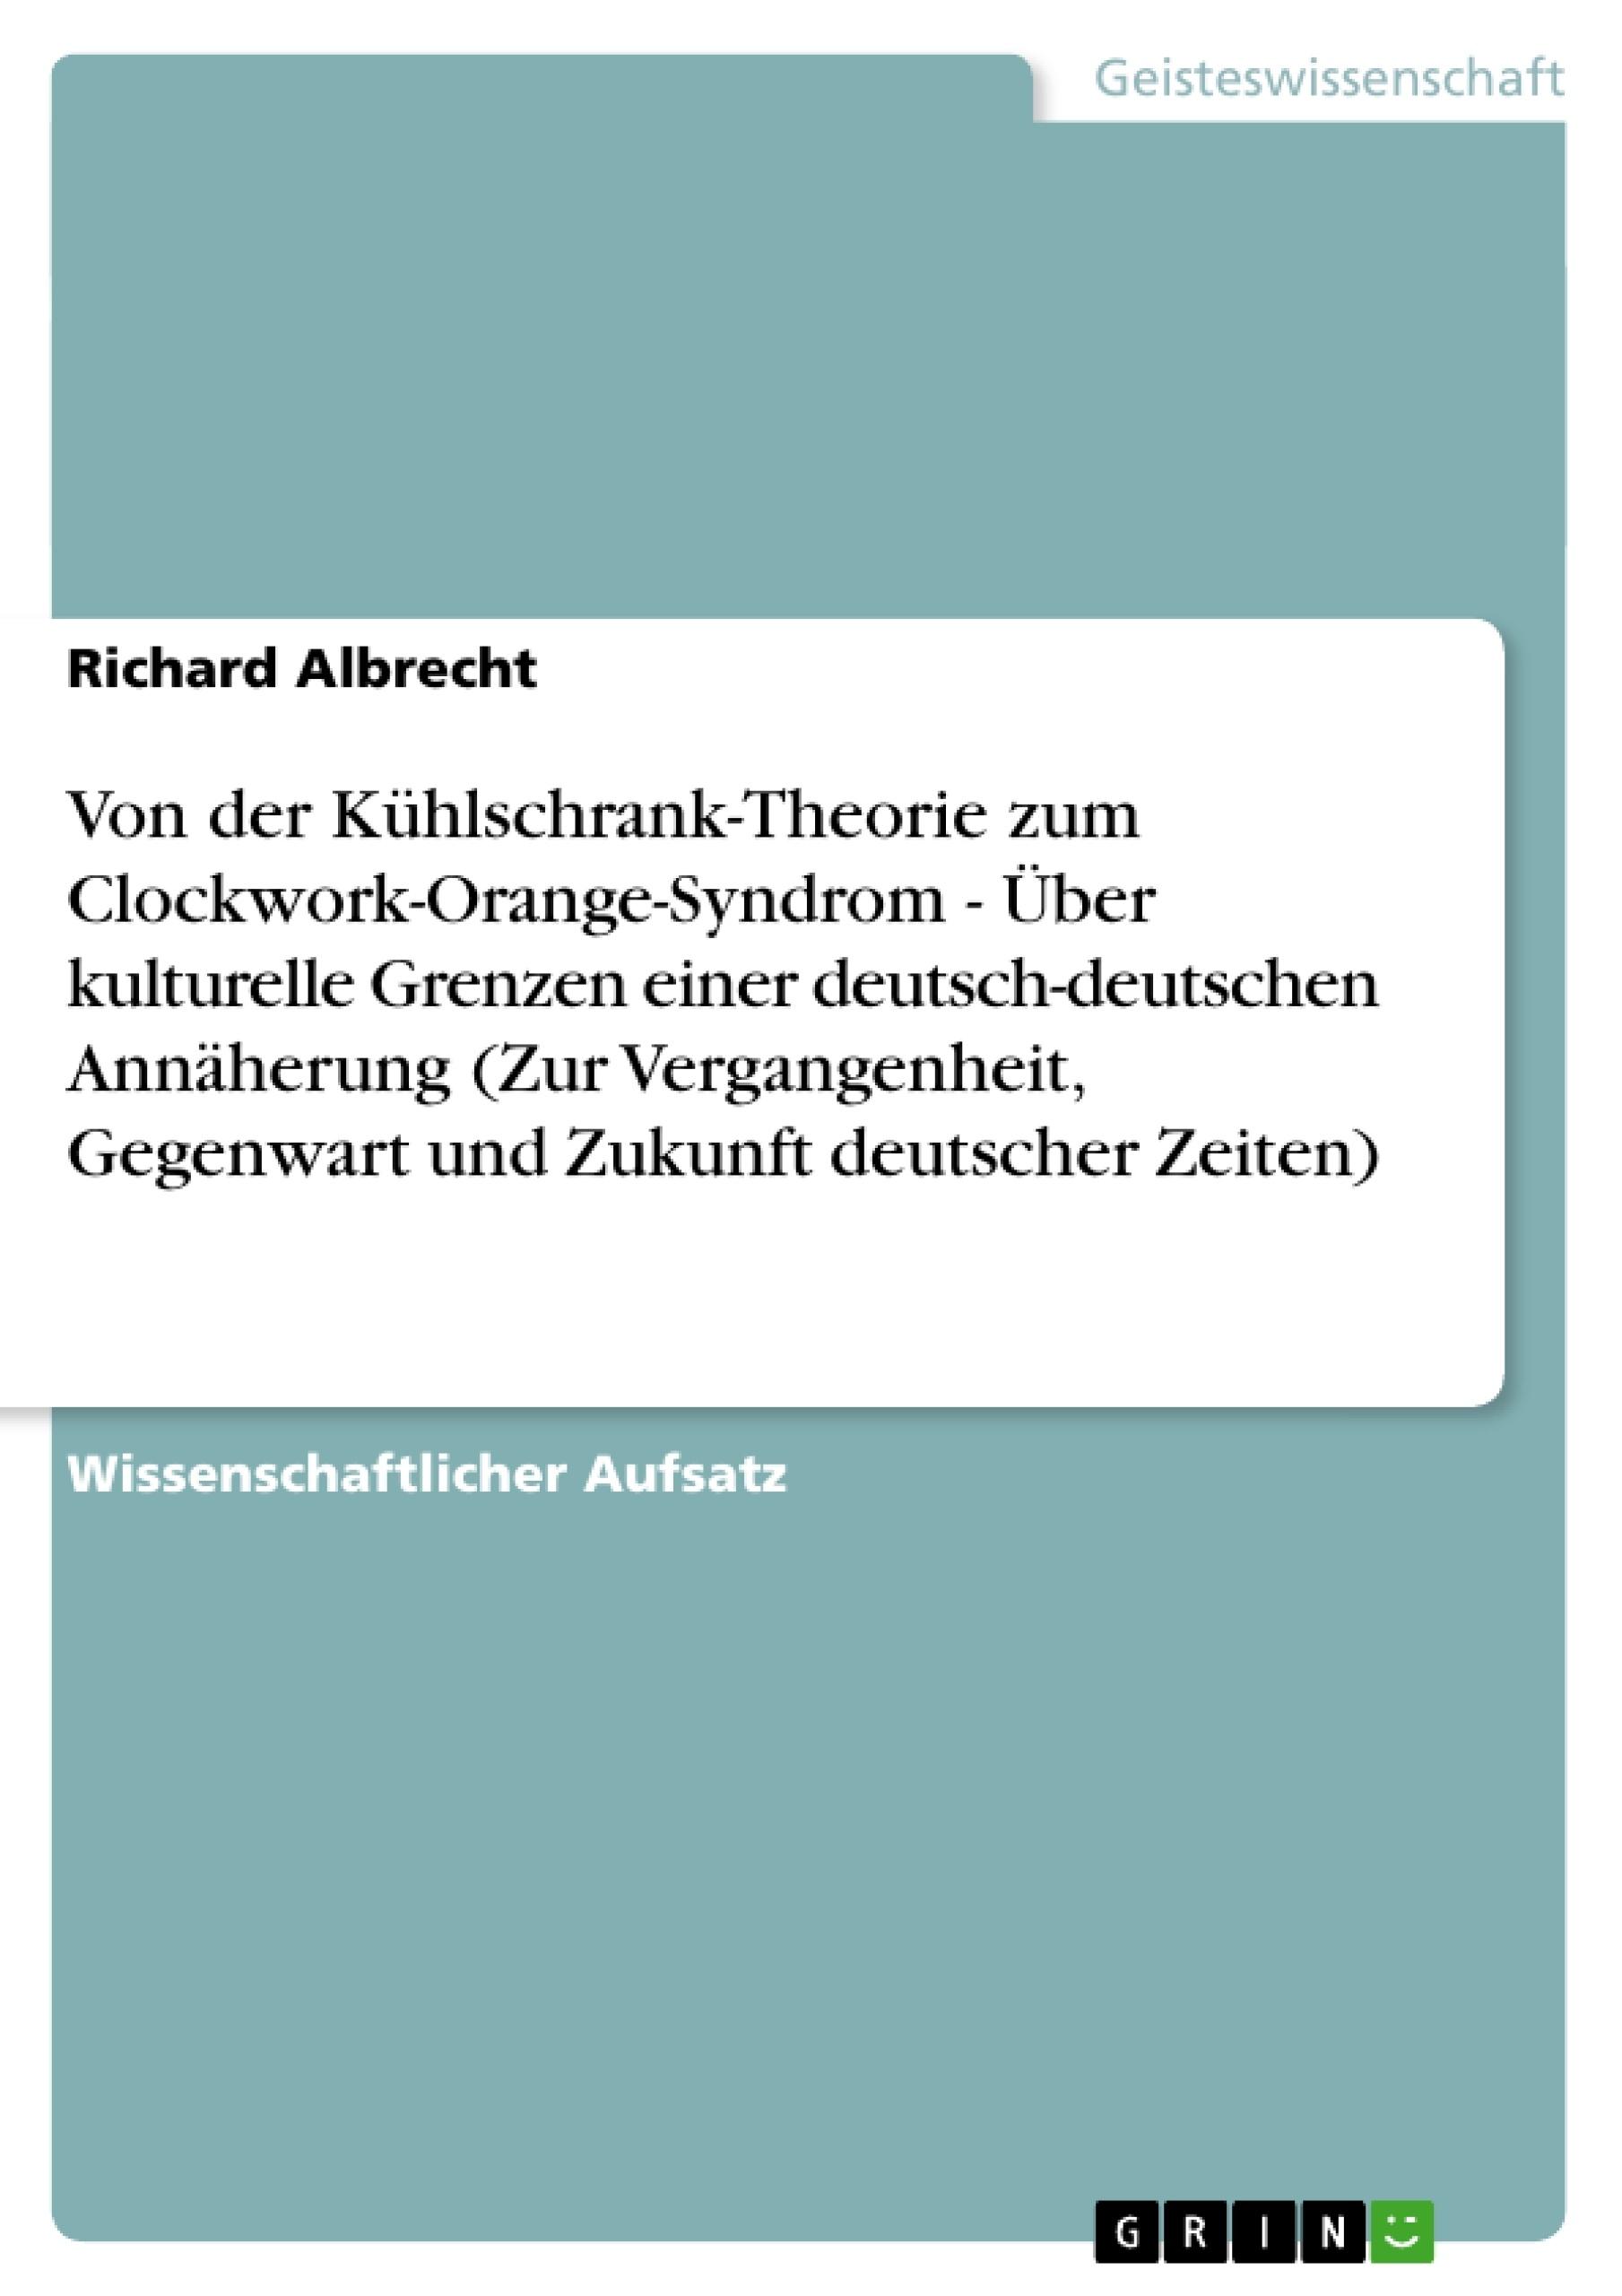 Titel: Von der Kühlschrank-Theorie zum Clockwork-Orange-Syndrom - Über kulturelle Grenzen einer deutsch-deutschen Annäherung (Zur Vergangenheit, Gegenwart und Zukunft deutscher Zeiten)